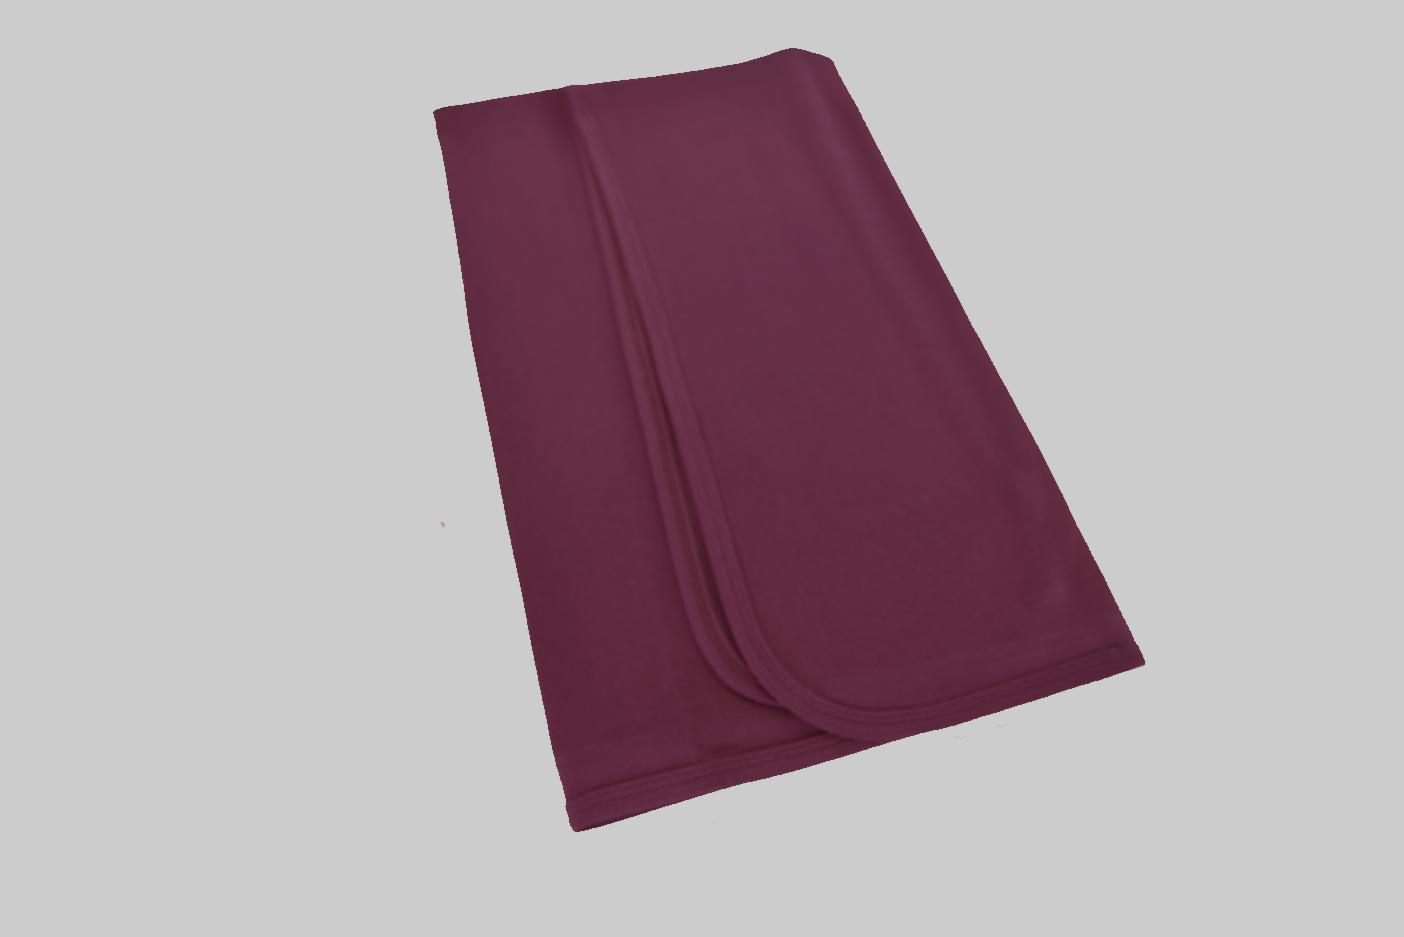 Maroon Receiving Blanket